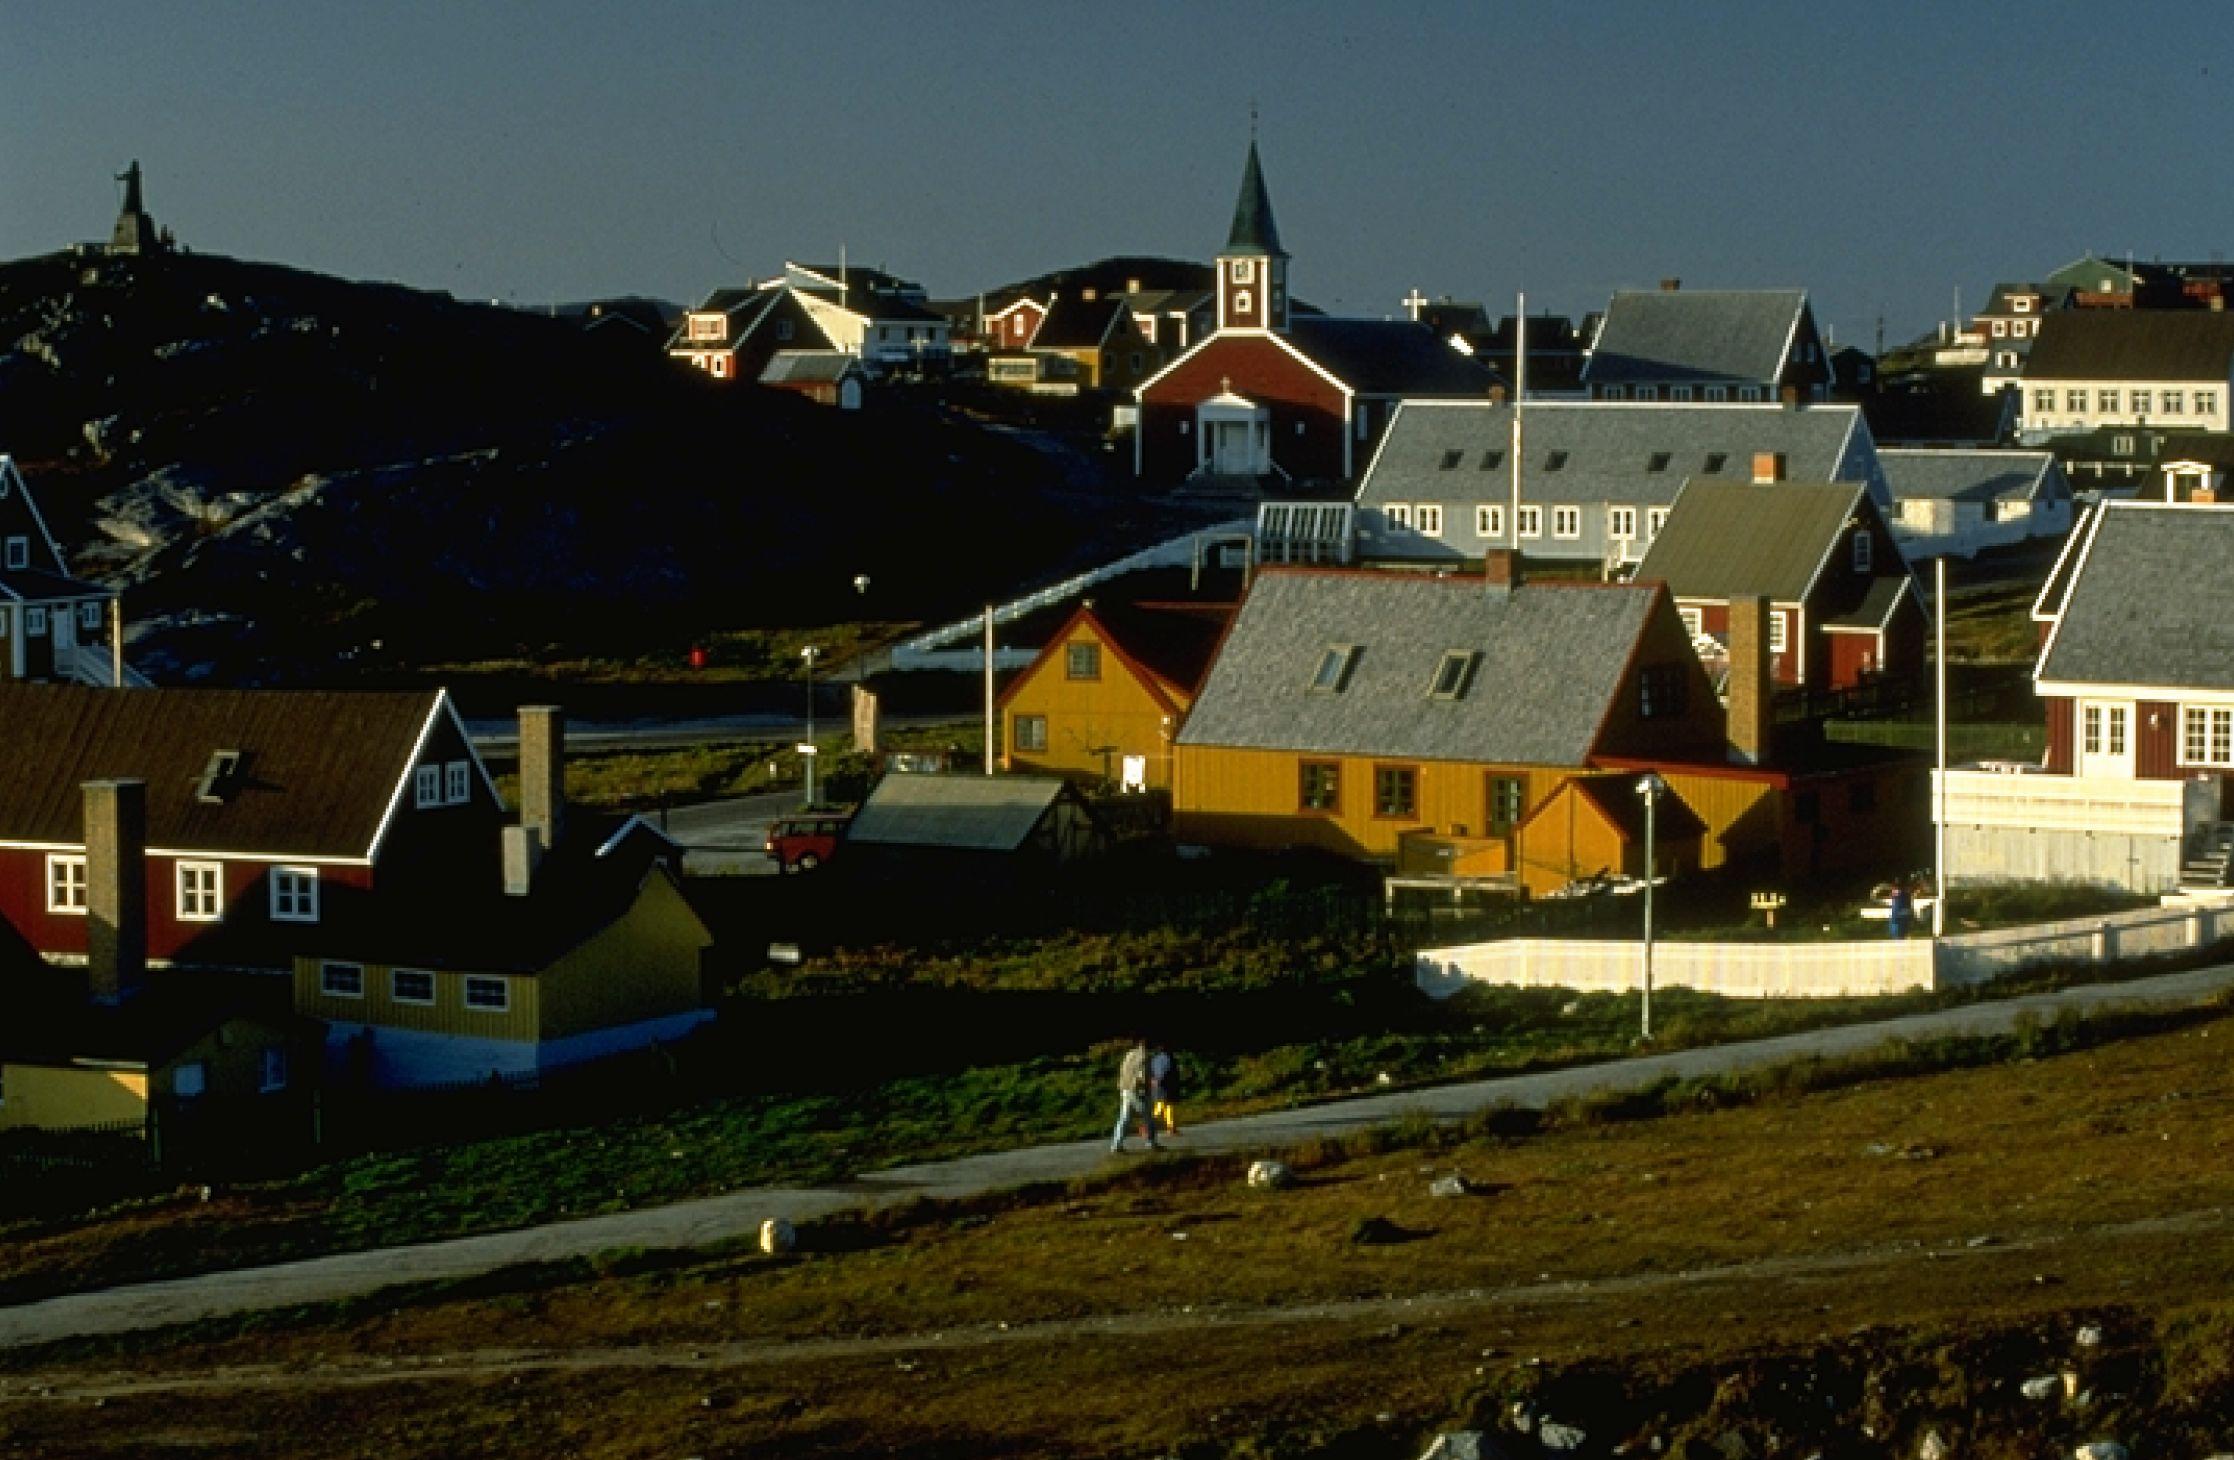 Північний шлях: Піший туризм по крижаному панциру біля Кангерлуссуак. Фото: reenland Tourism /Signe Vest